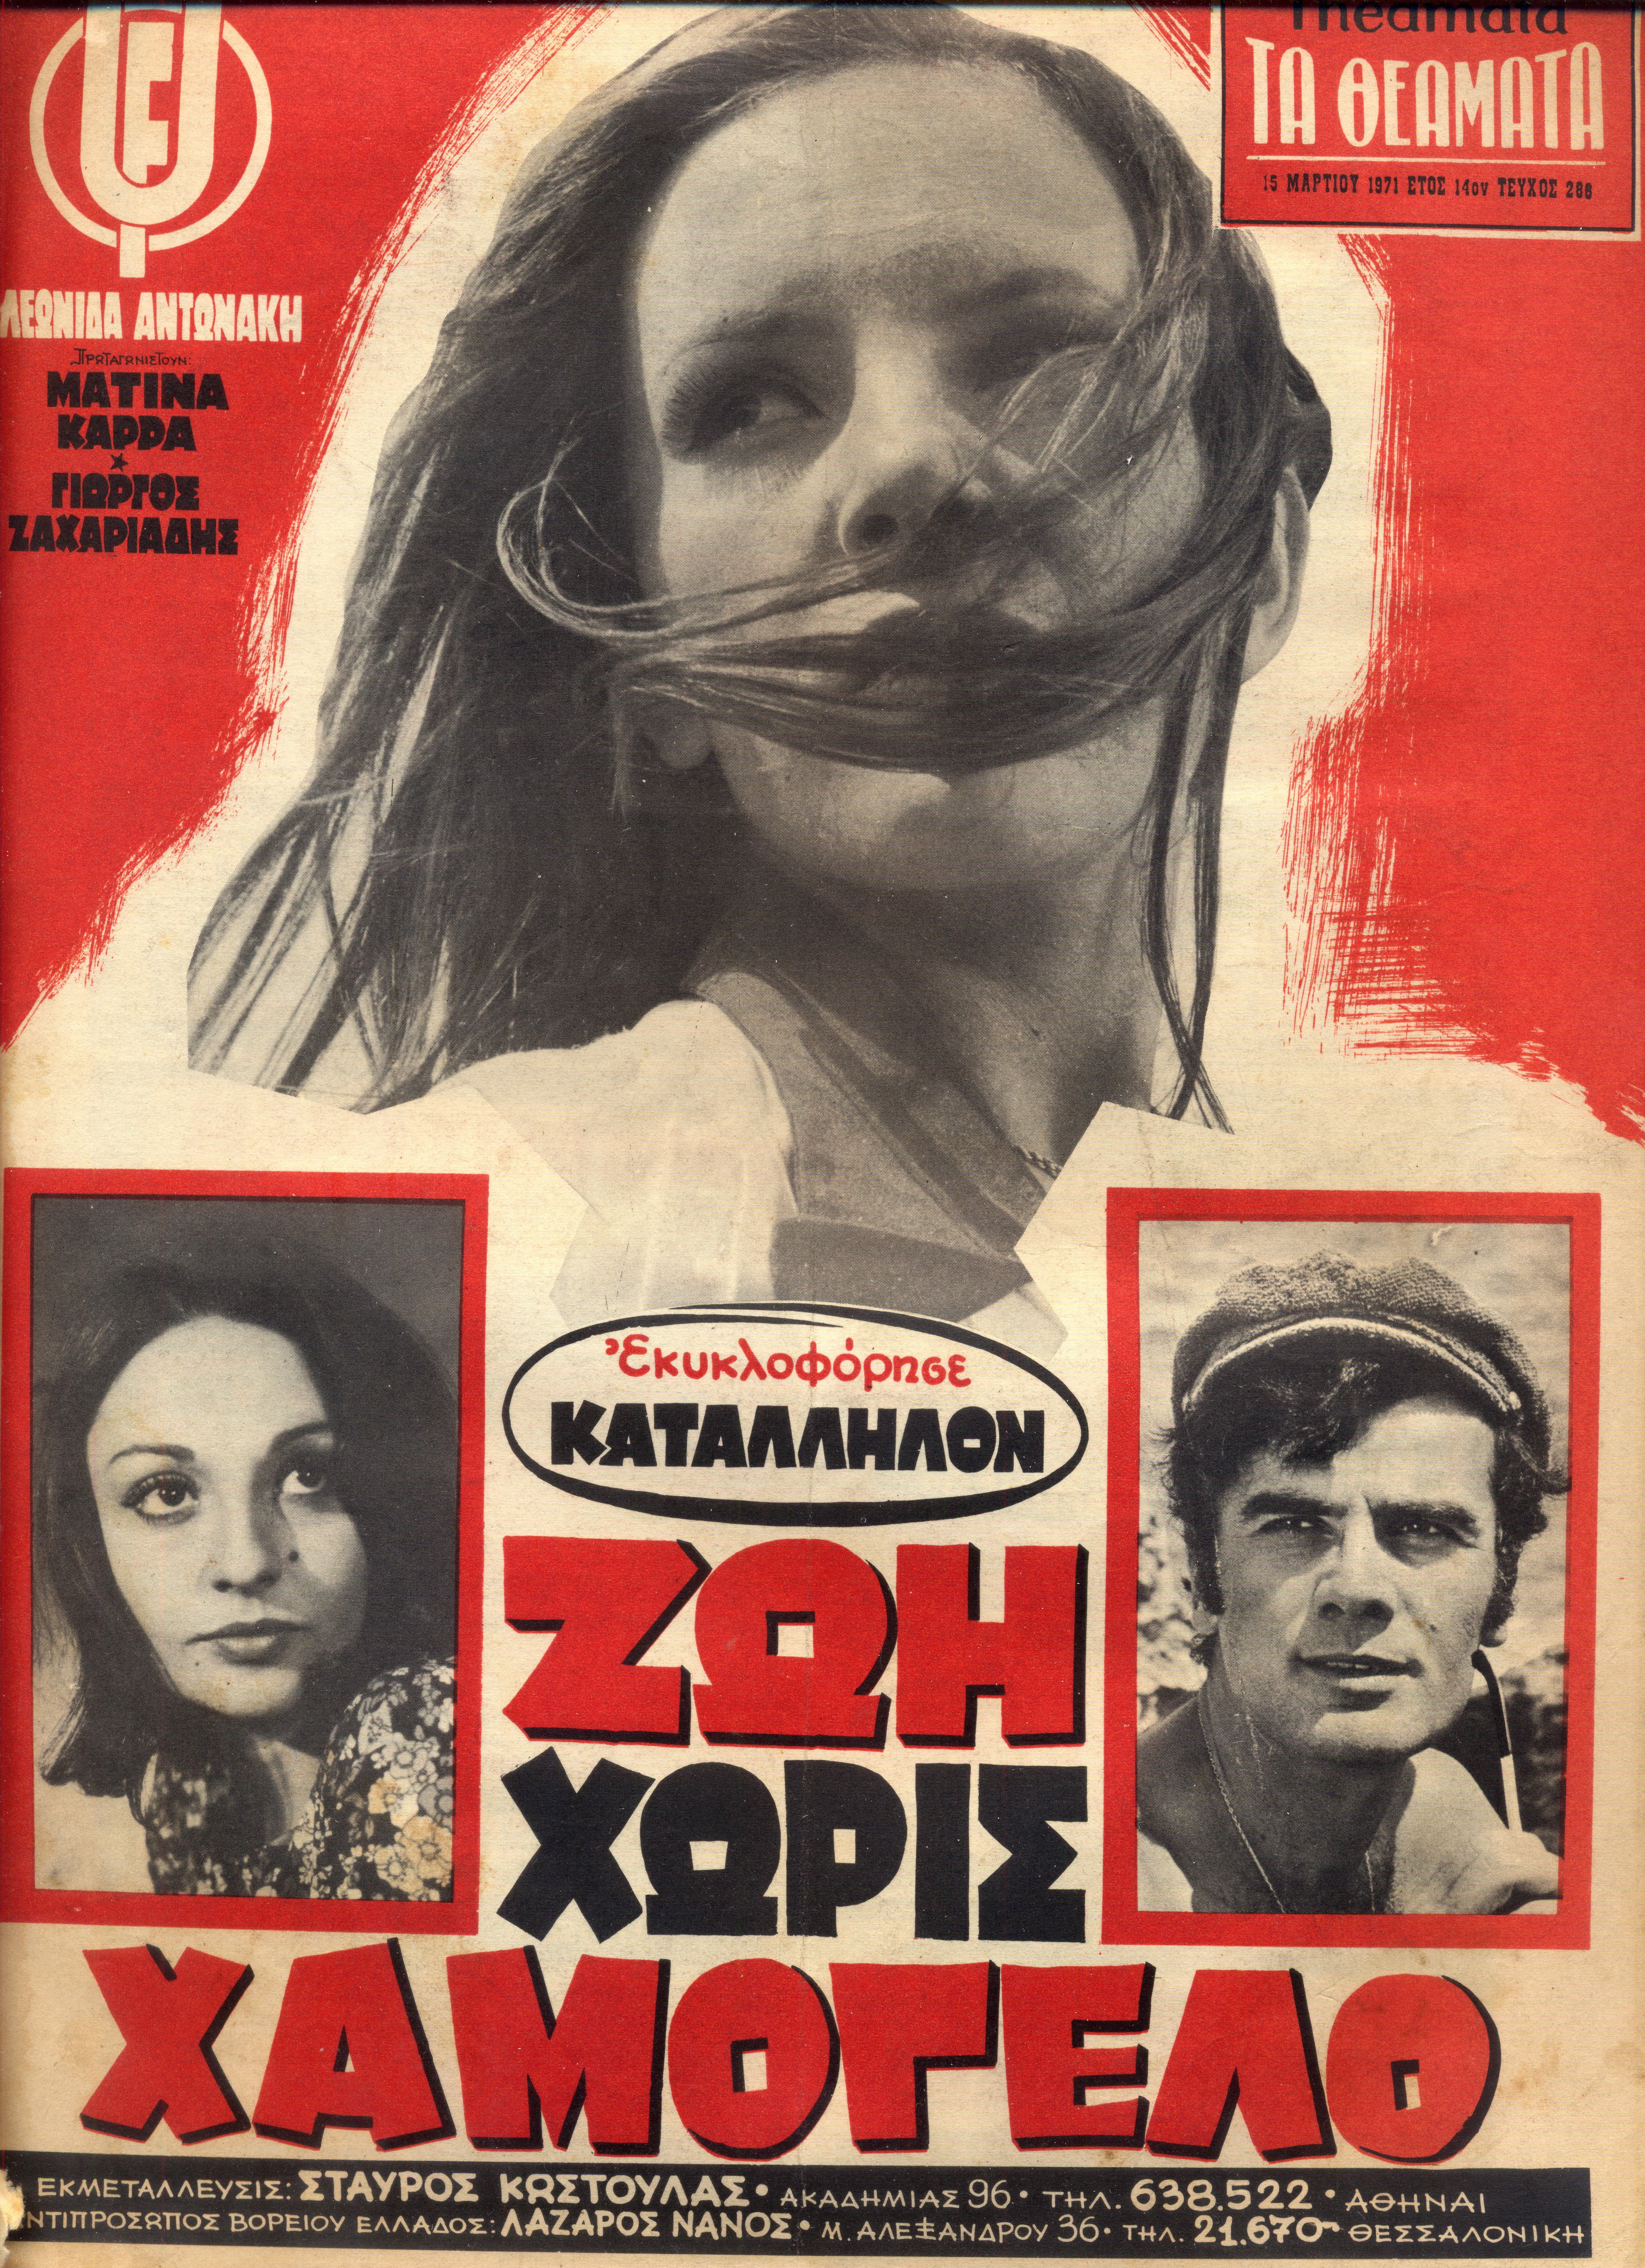 Ντοκουμέντο: Η Μίρκα Παπακωνσταντίνου στο πρώτο της εξώφυλλο και η σπάνια ταινία που δεν έχει προβληθεί ποτέ από την τηλεόραση